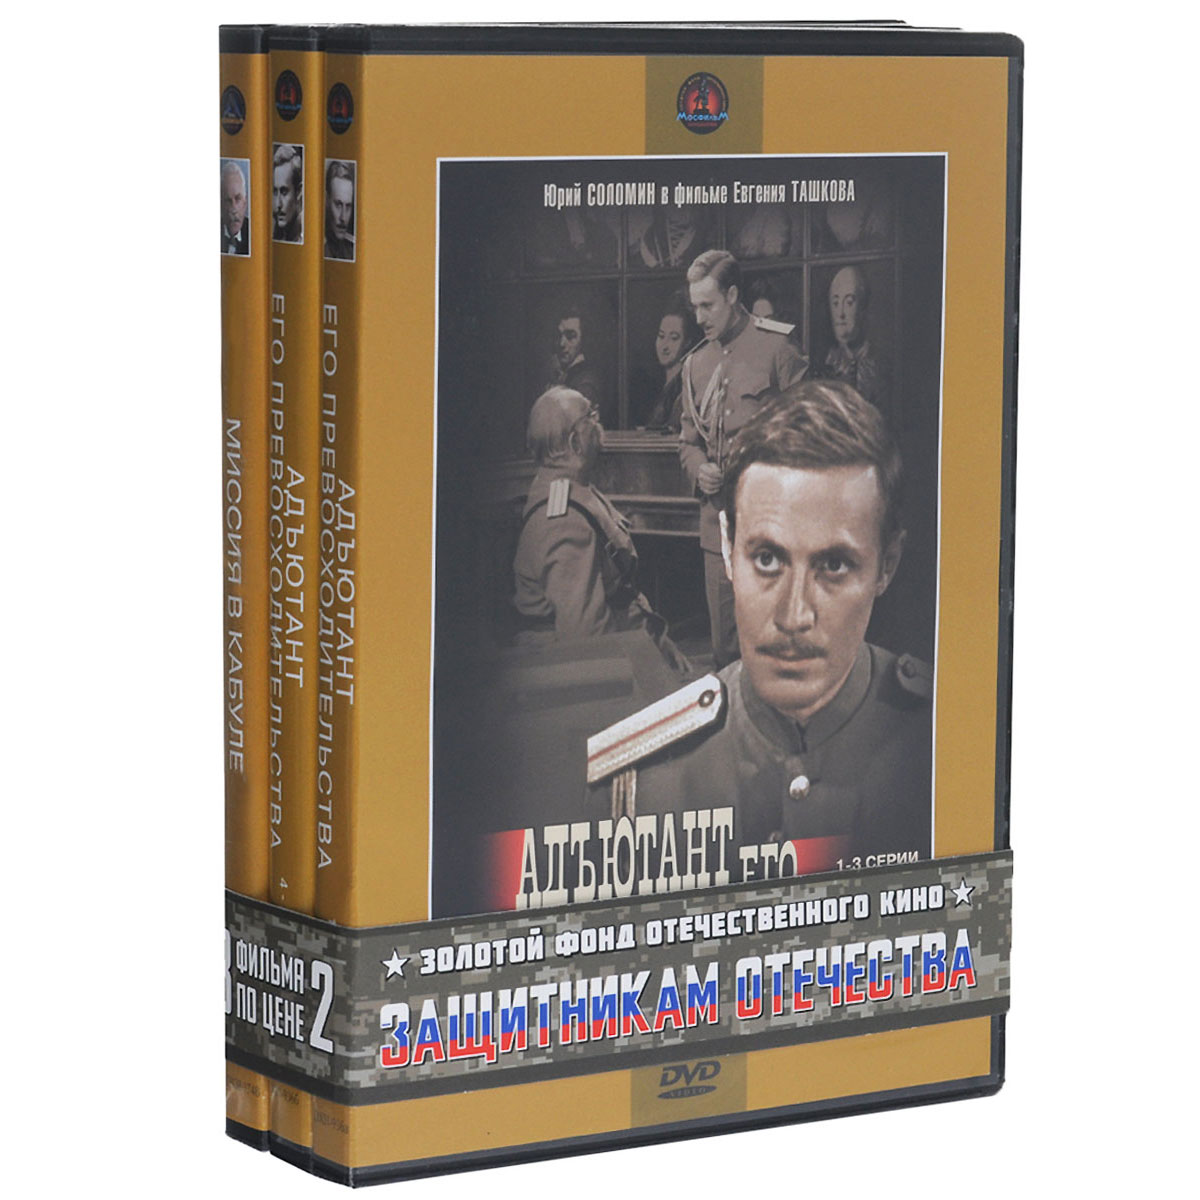 3=2 Защитникам отечества: Адъютант его превосходительства. 01-03 серии / Адъютант его превосходительства.04-05 серии / Миссия в Кабуле. 01-02 серии (3 DVD)